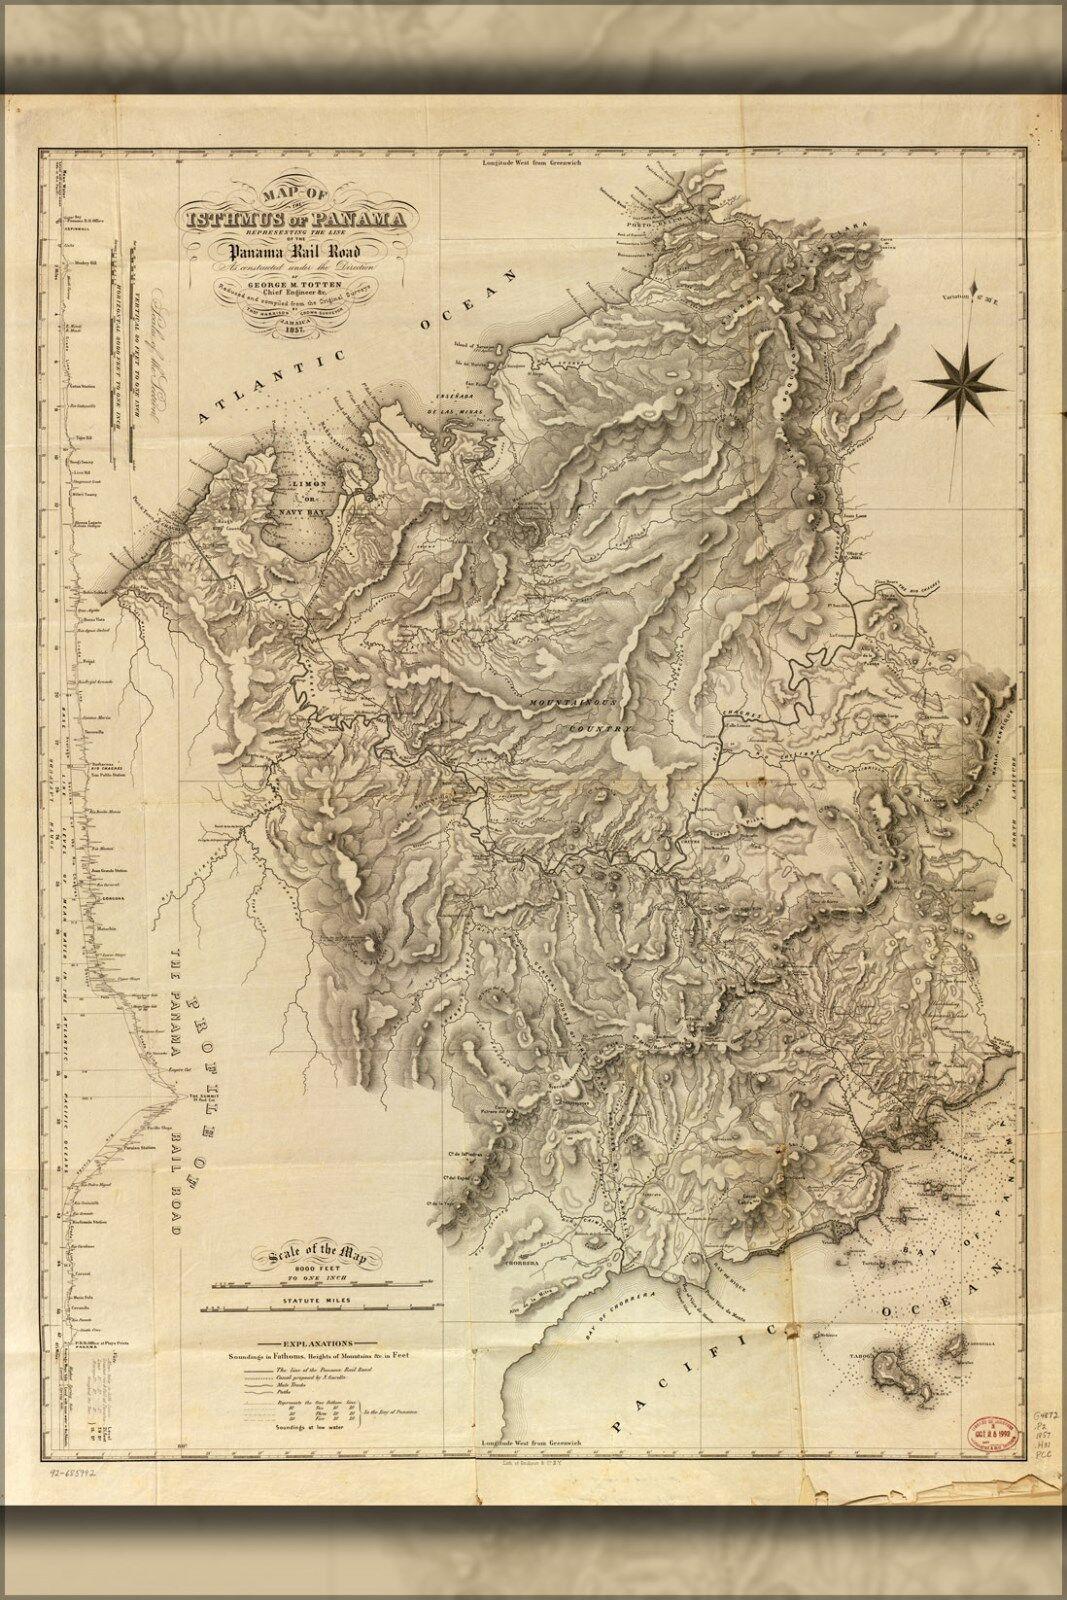 Poster, Poster, Poster, Molte Misure; Mappa Del Panama che Mostra Panama Ferrovia 8ee1d2